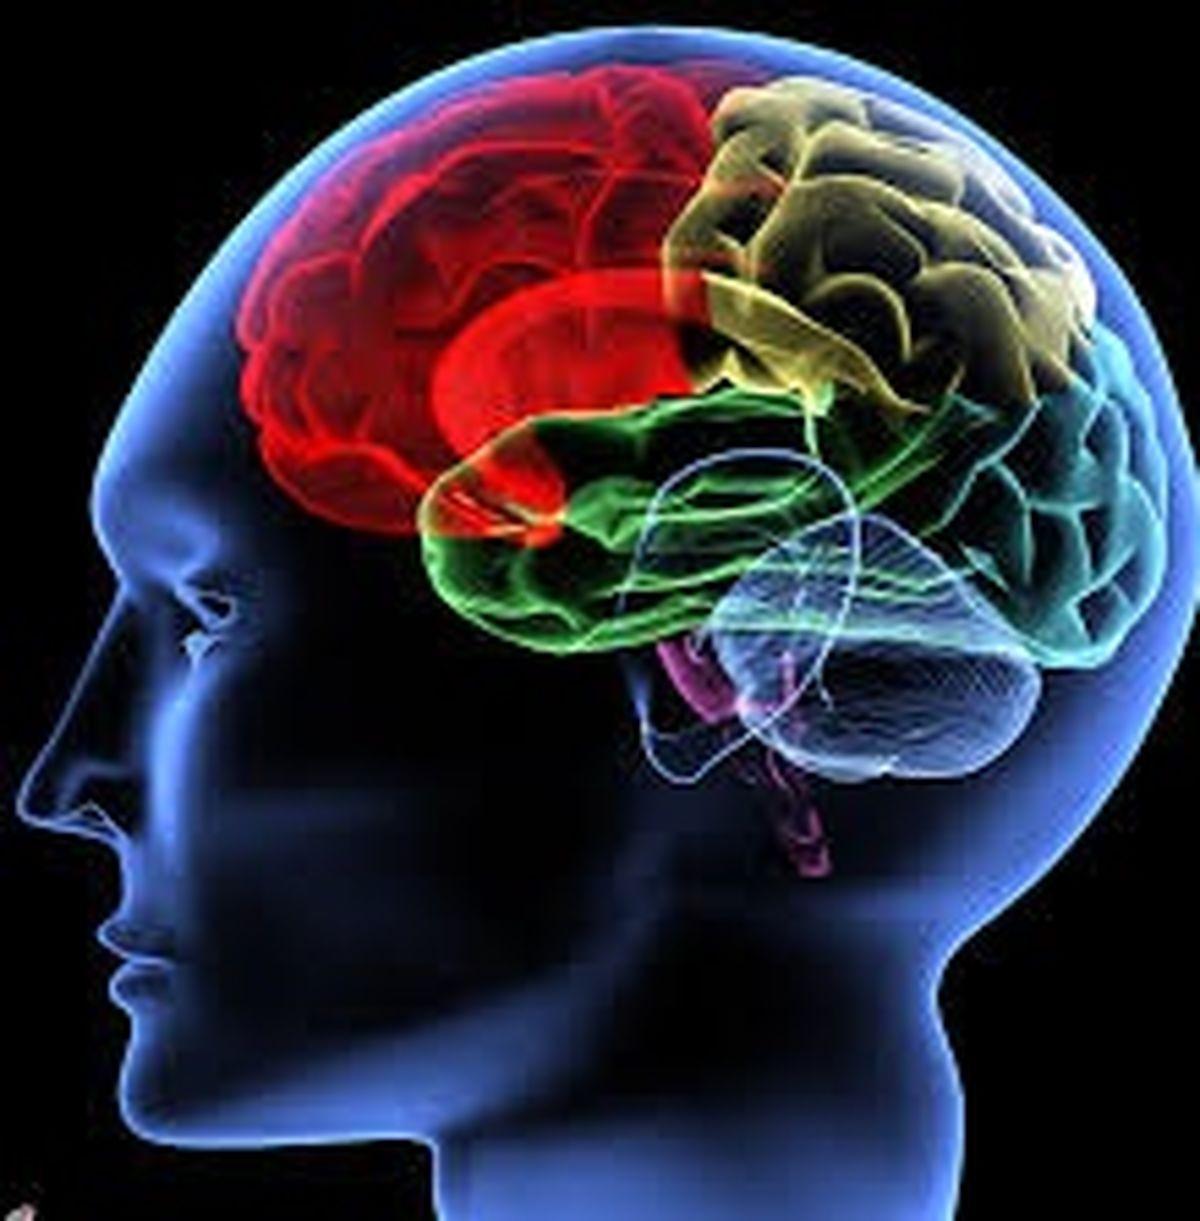 درباره عجایب مغز انسان بیشتر بدانید